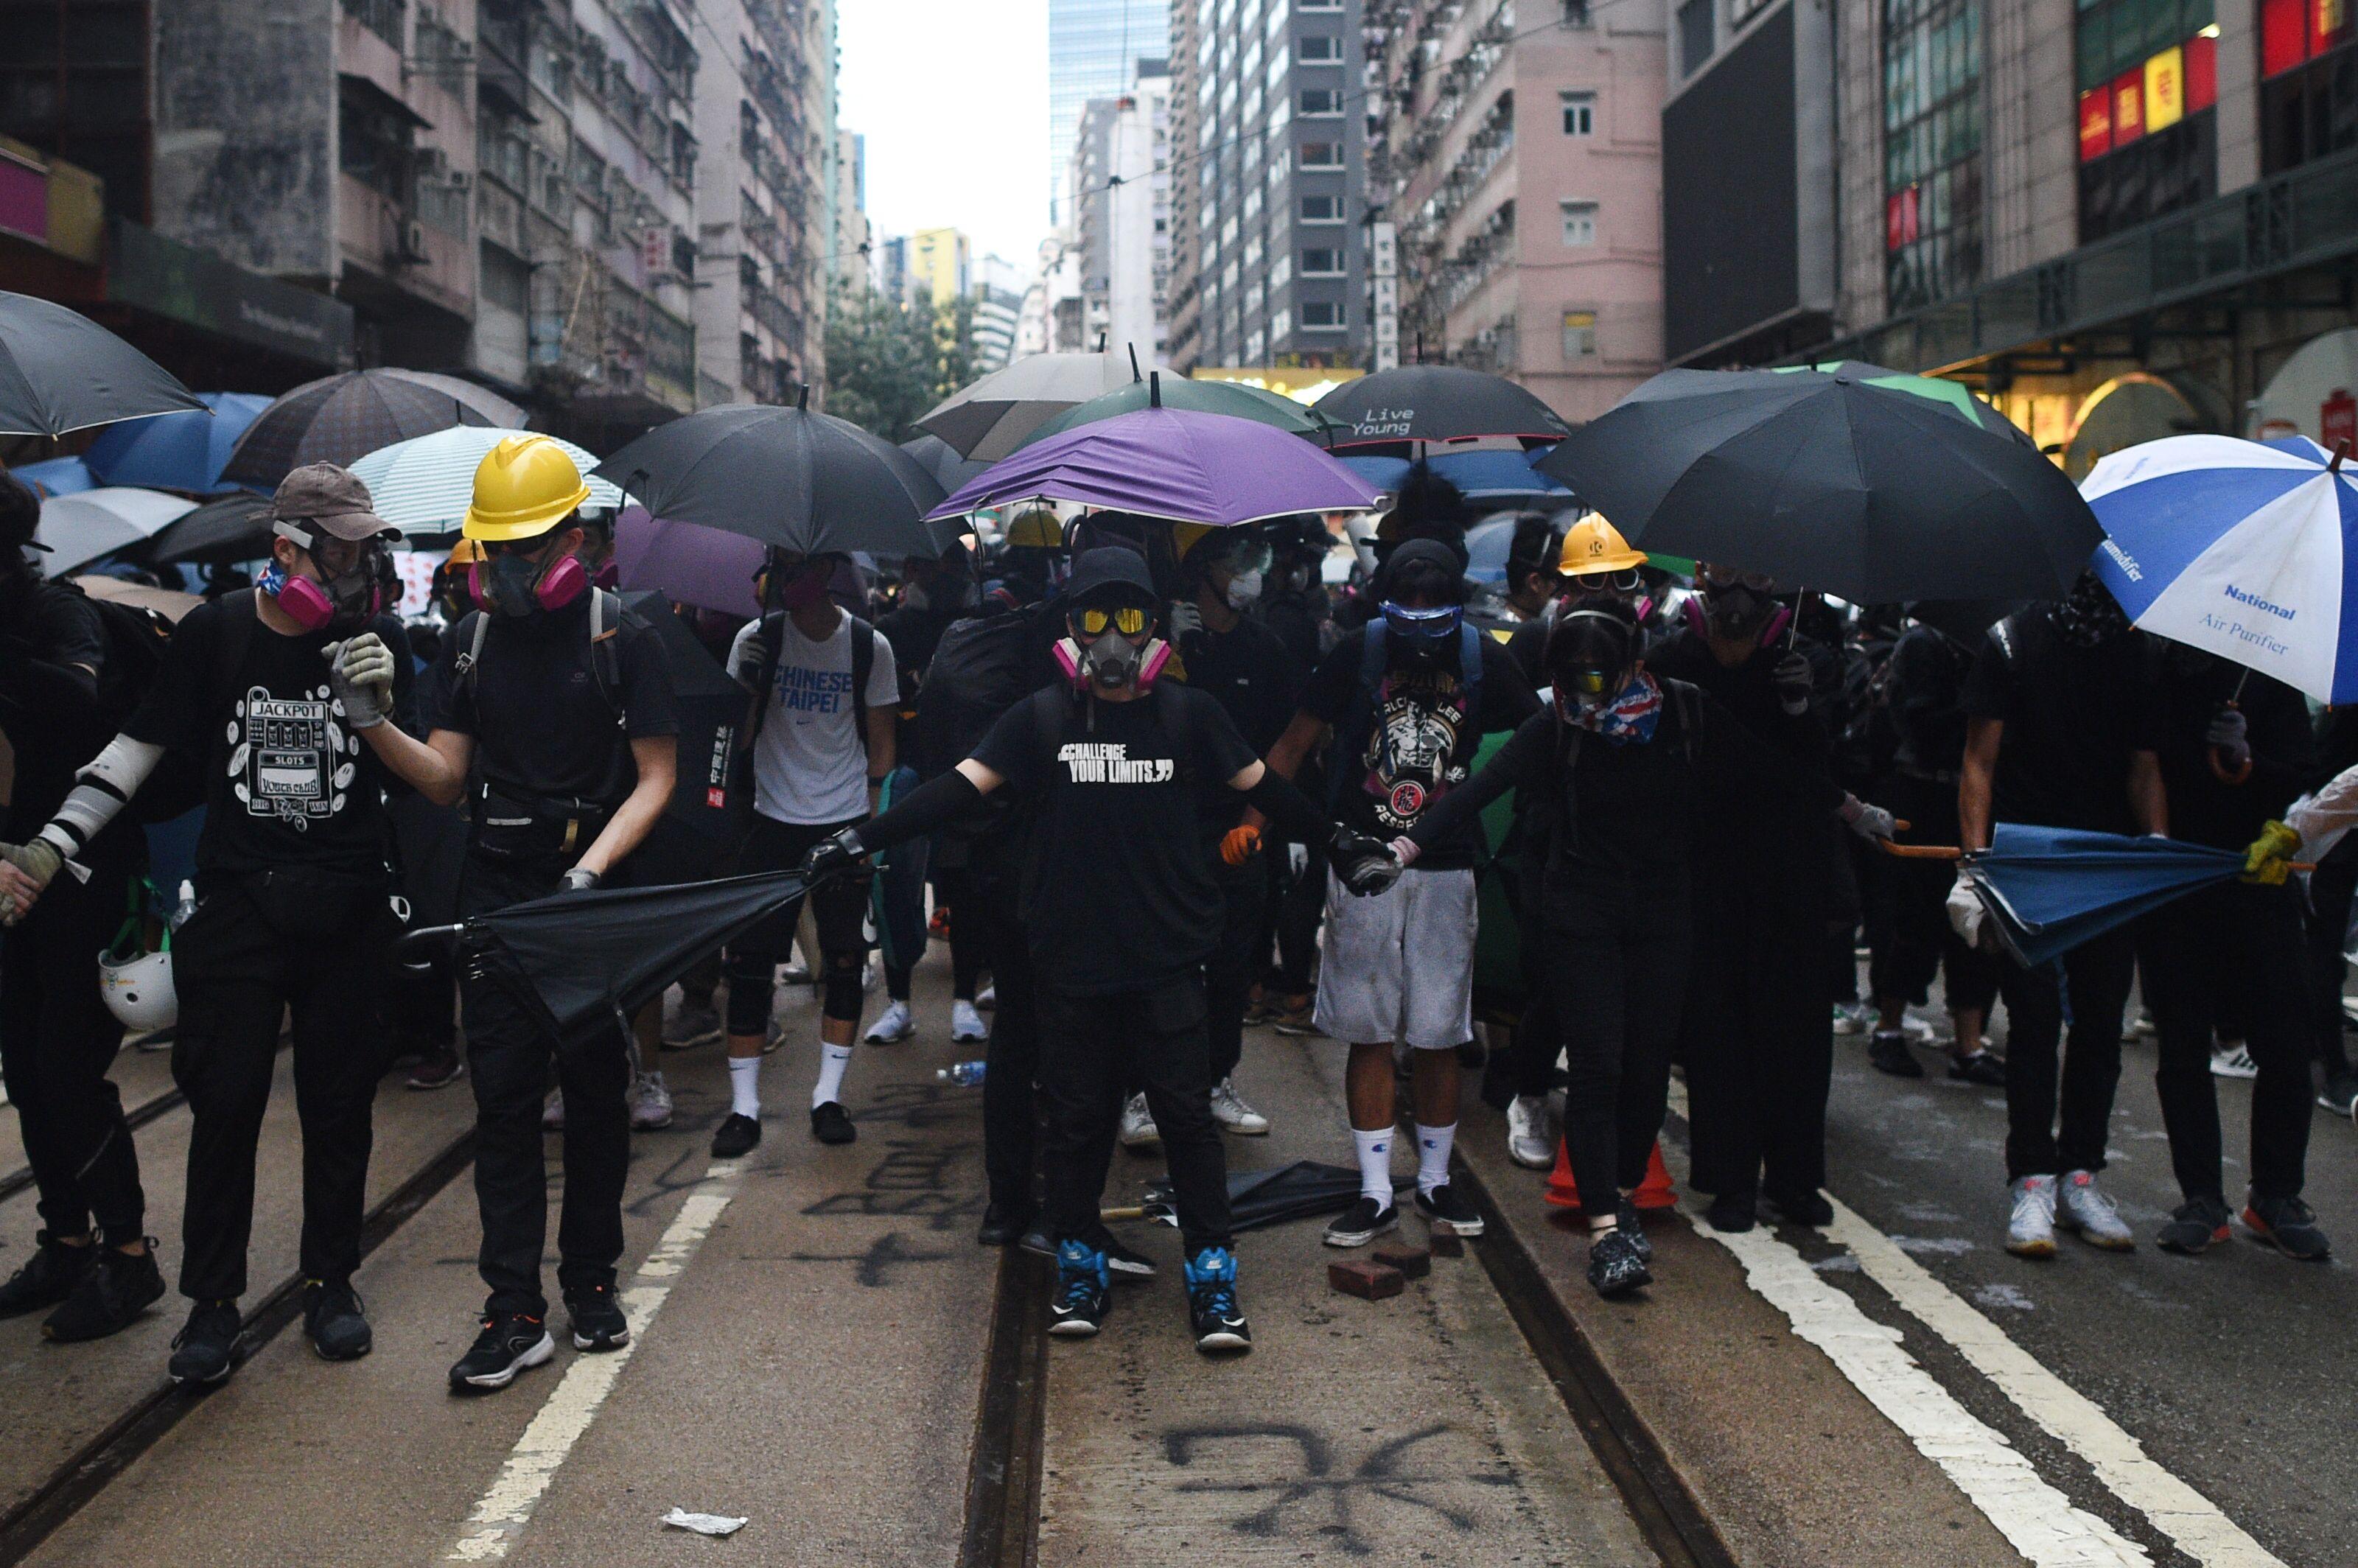 「速龍小隊」極度暴力 催生香港「屠龍小隊」 | 香港反送中 | 林鄭 | 黑幫 | 新唐人中文電視臺在線